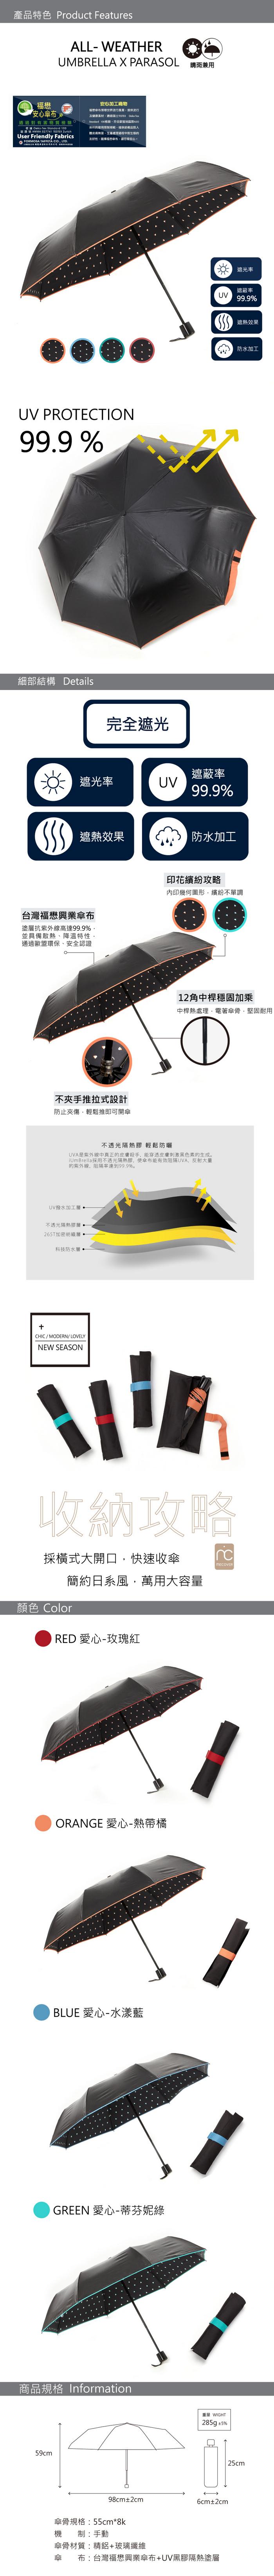 MECOVER【完美防曬】零透光黑膠加大手開傘-愛心蒂芬妮綠